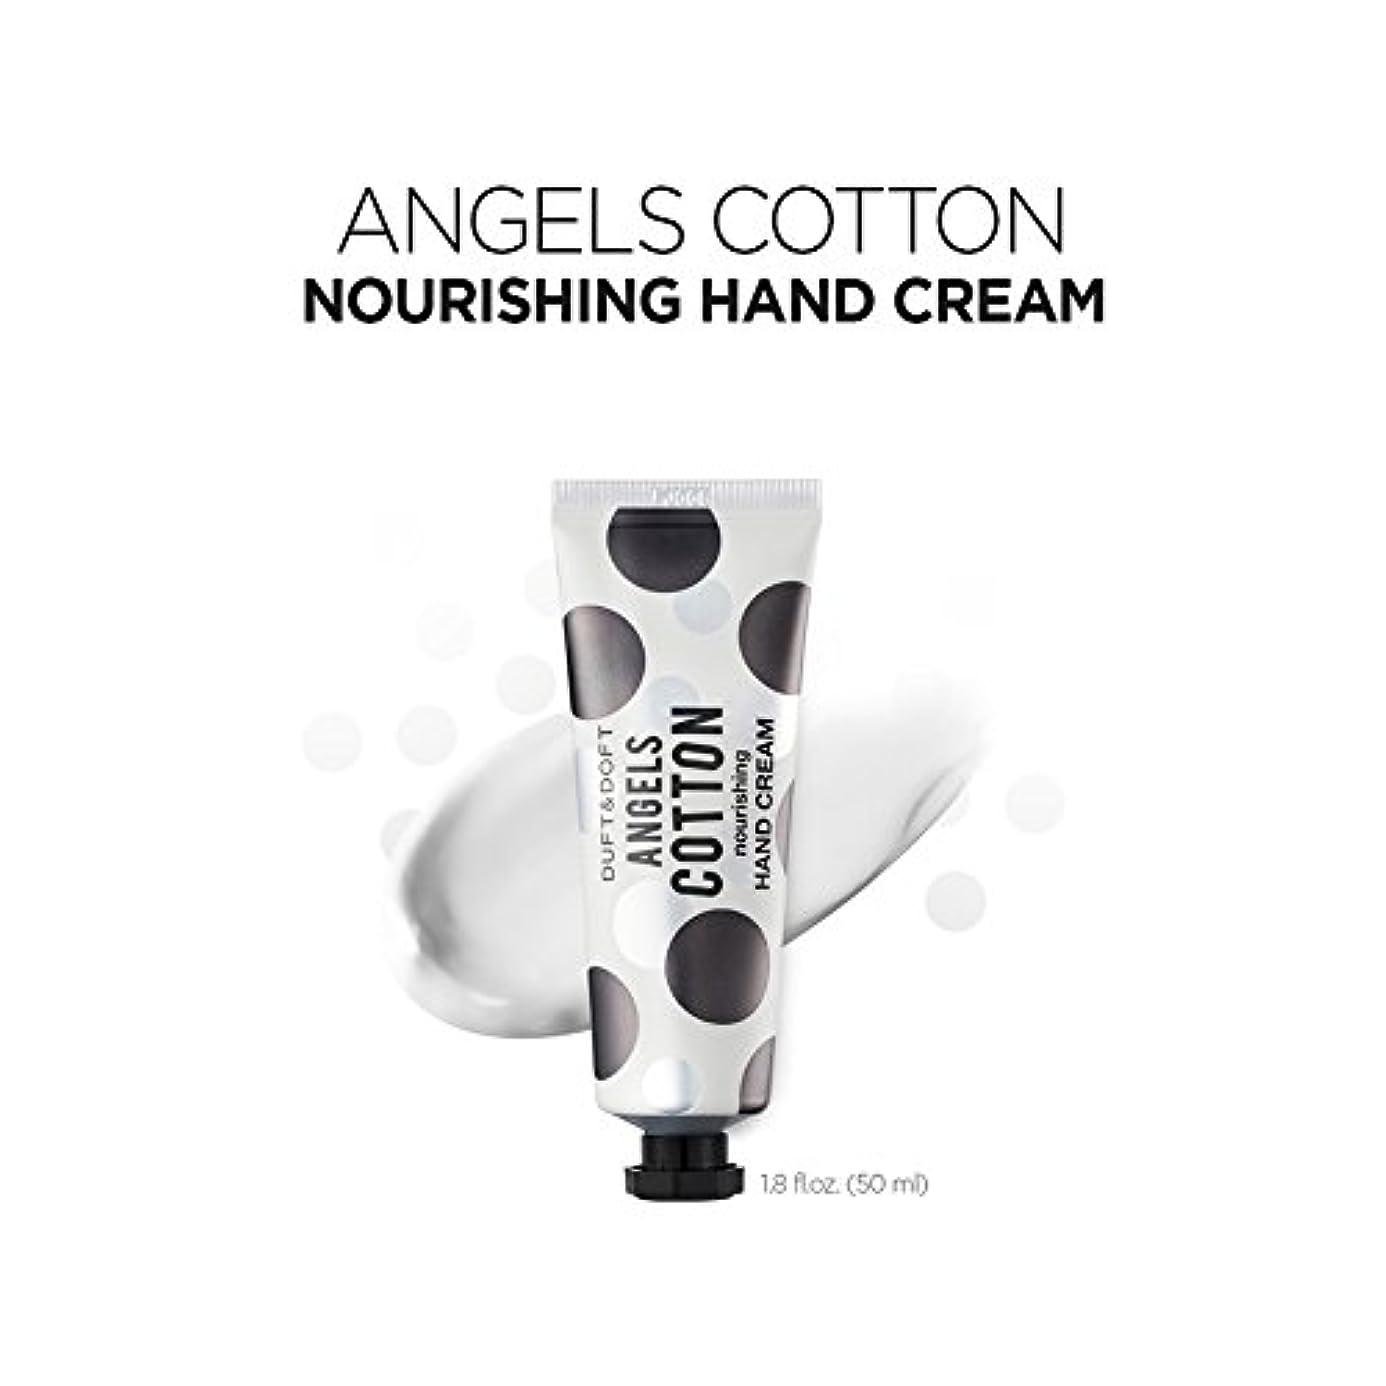 発表登録するお互いゥフト&ドフト [DUFT&DOFT] エンジェルコットン ナリシング ハンドクリーム Angel Cotton Nourishing Hand Cream (50ml + 50ml) / 韓国製 韓国直送品